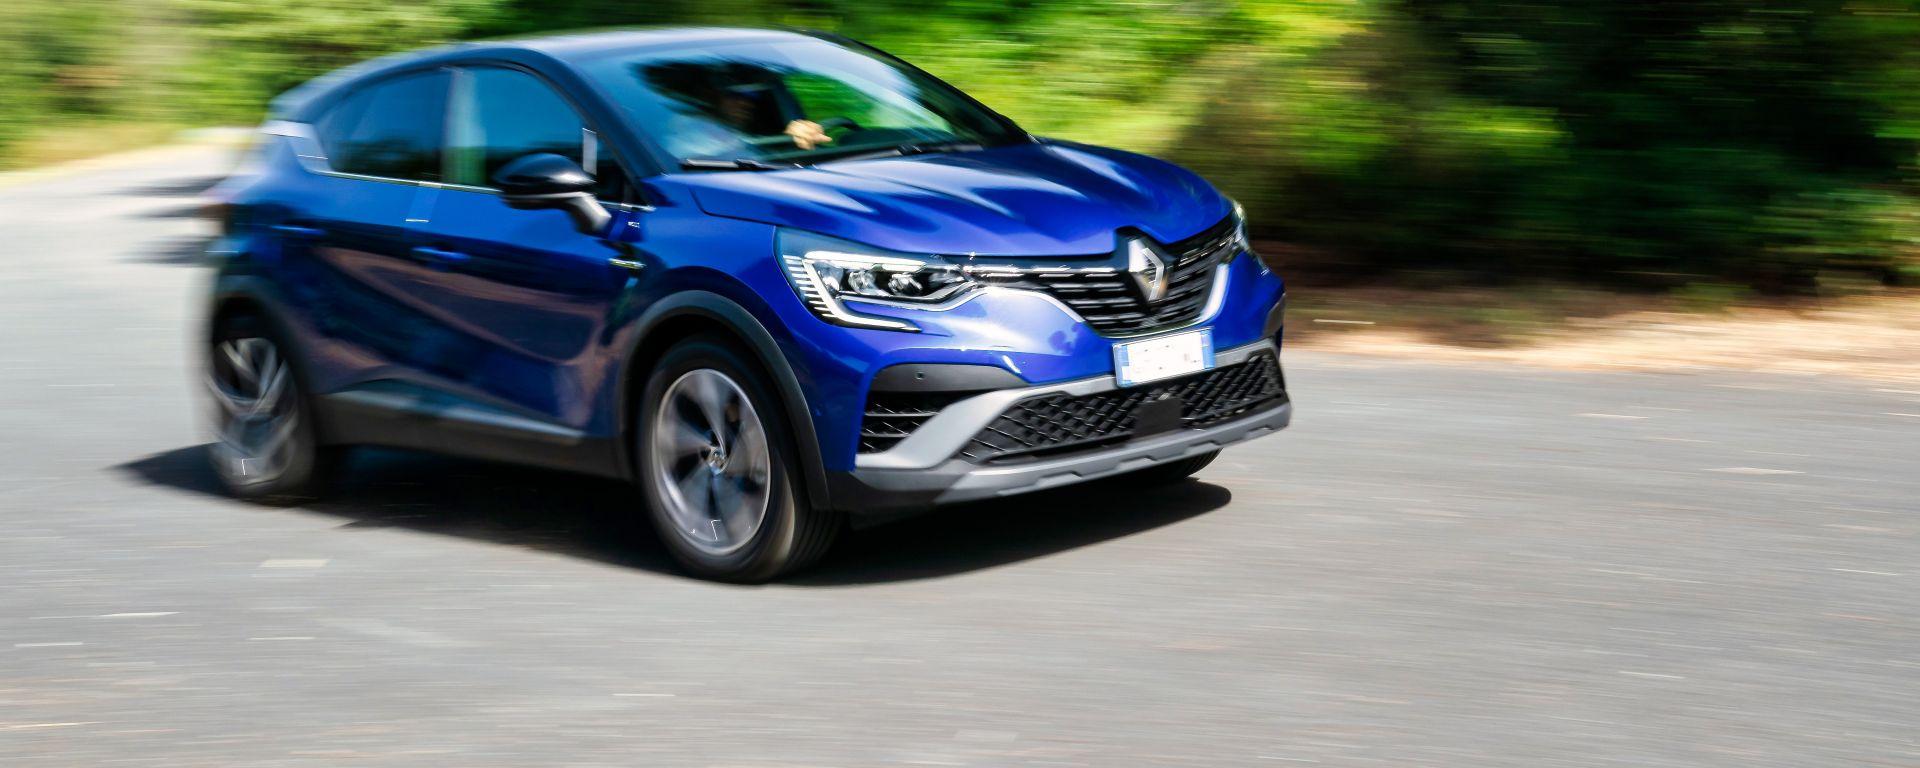 Nuova Renault Captur E-Tech Hybrid: primo contatto con la versione 100% ibrida